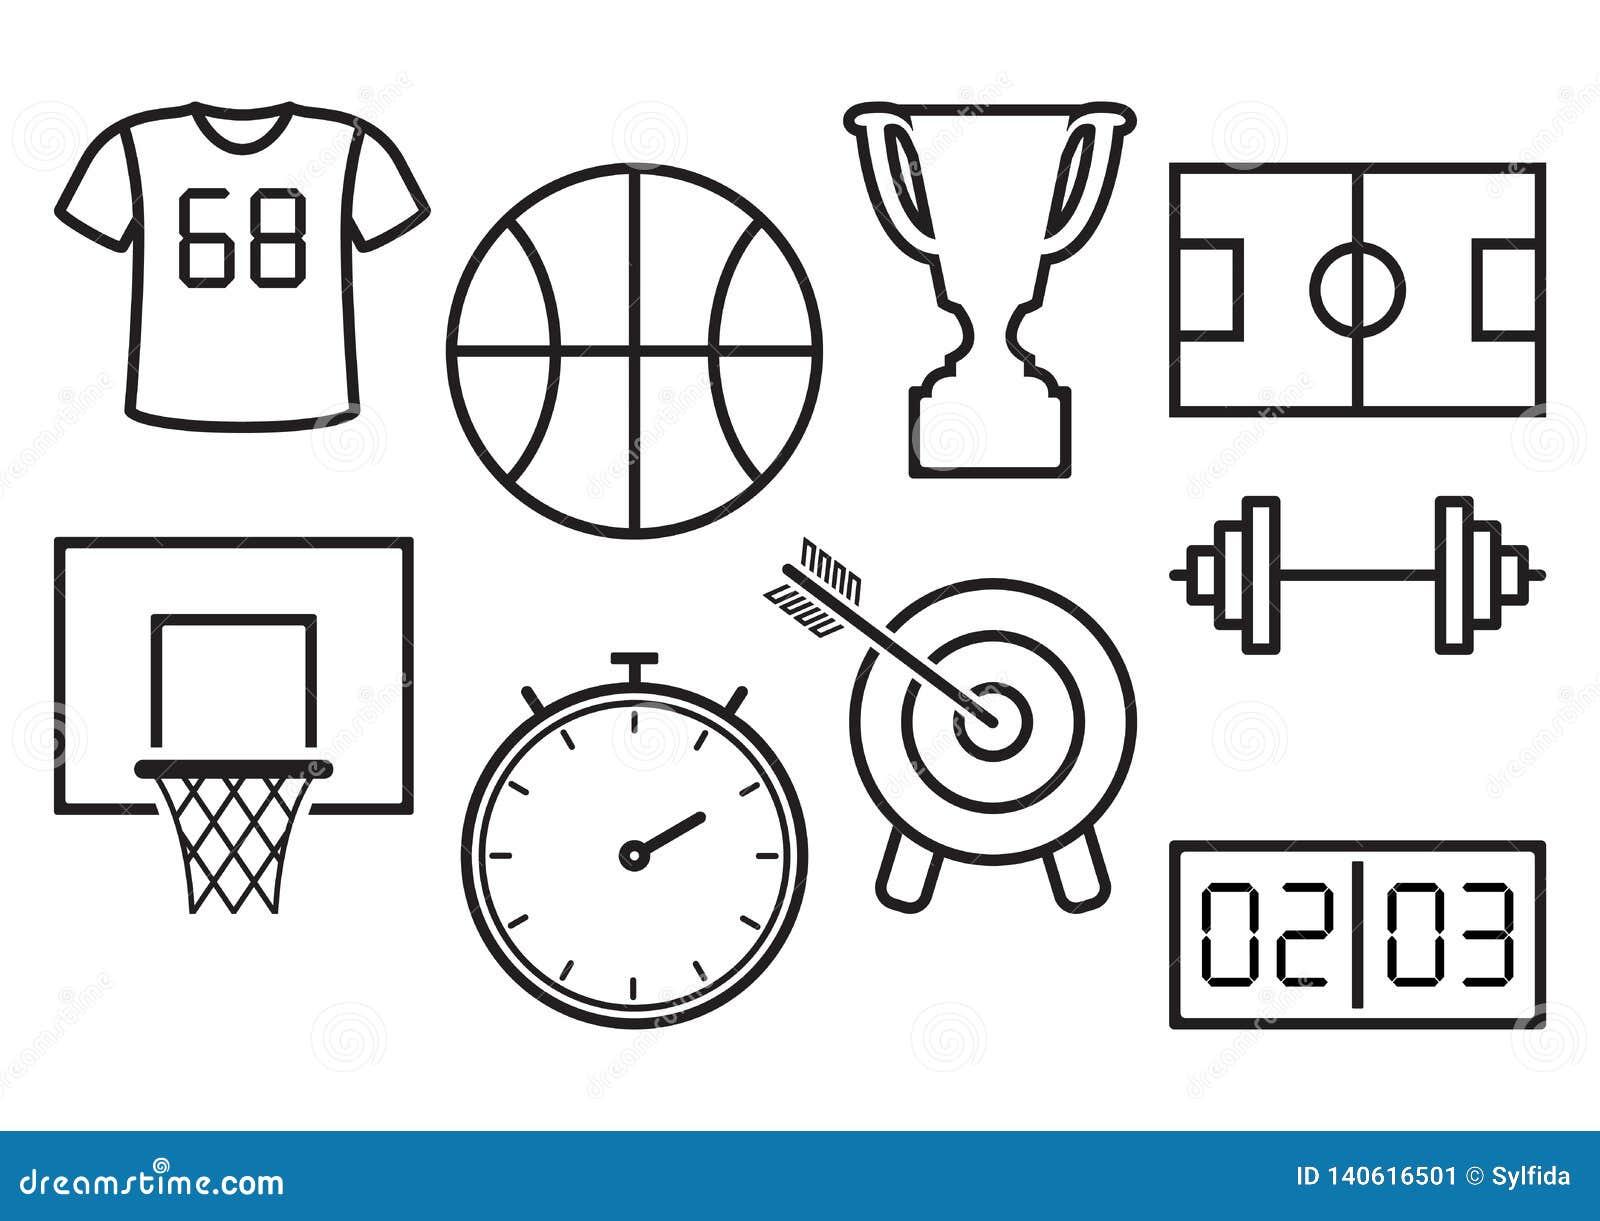 διάνυσμα εικονιδίων παιχνιδιών δημοφιλέστερο καθορισμένο αθλητικό επίσης corel σύρετε το διάνυσμα απεικόνισης